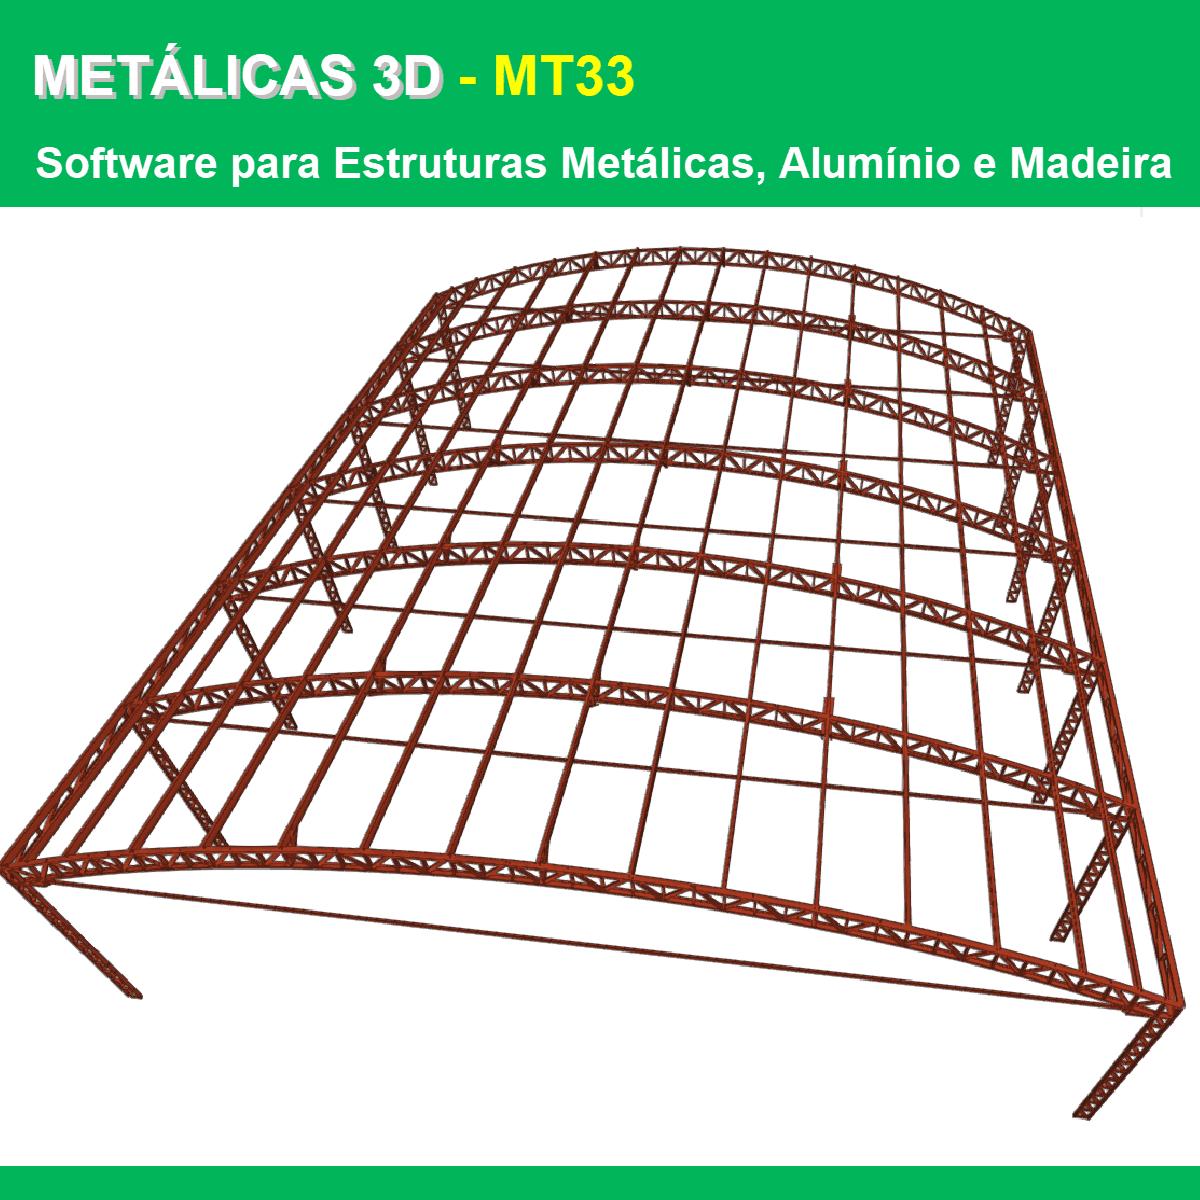 Software Metálicas 3D MT33 versão 2022 (Licença Eletrônica) incluindo Núcleo Básico